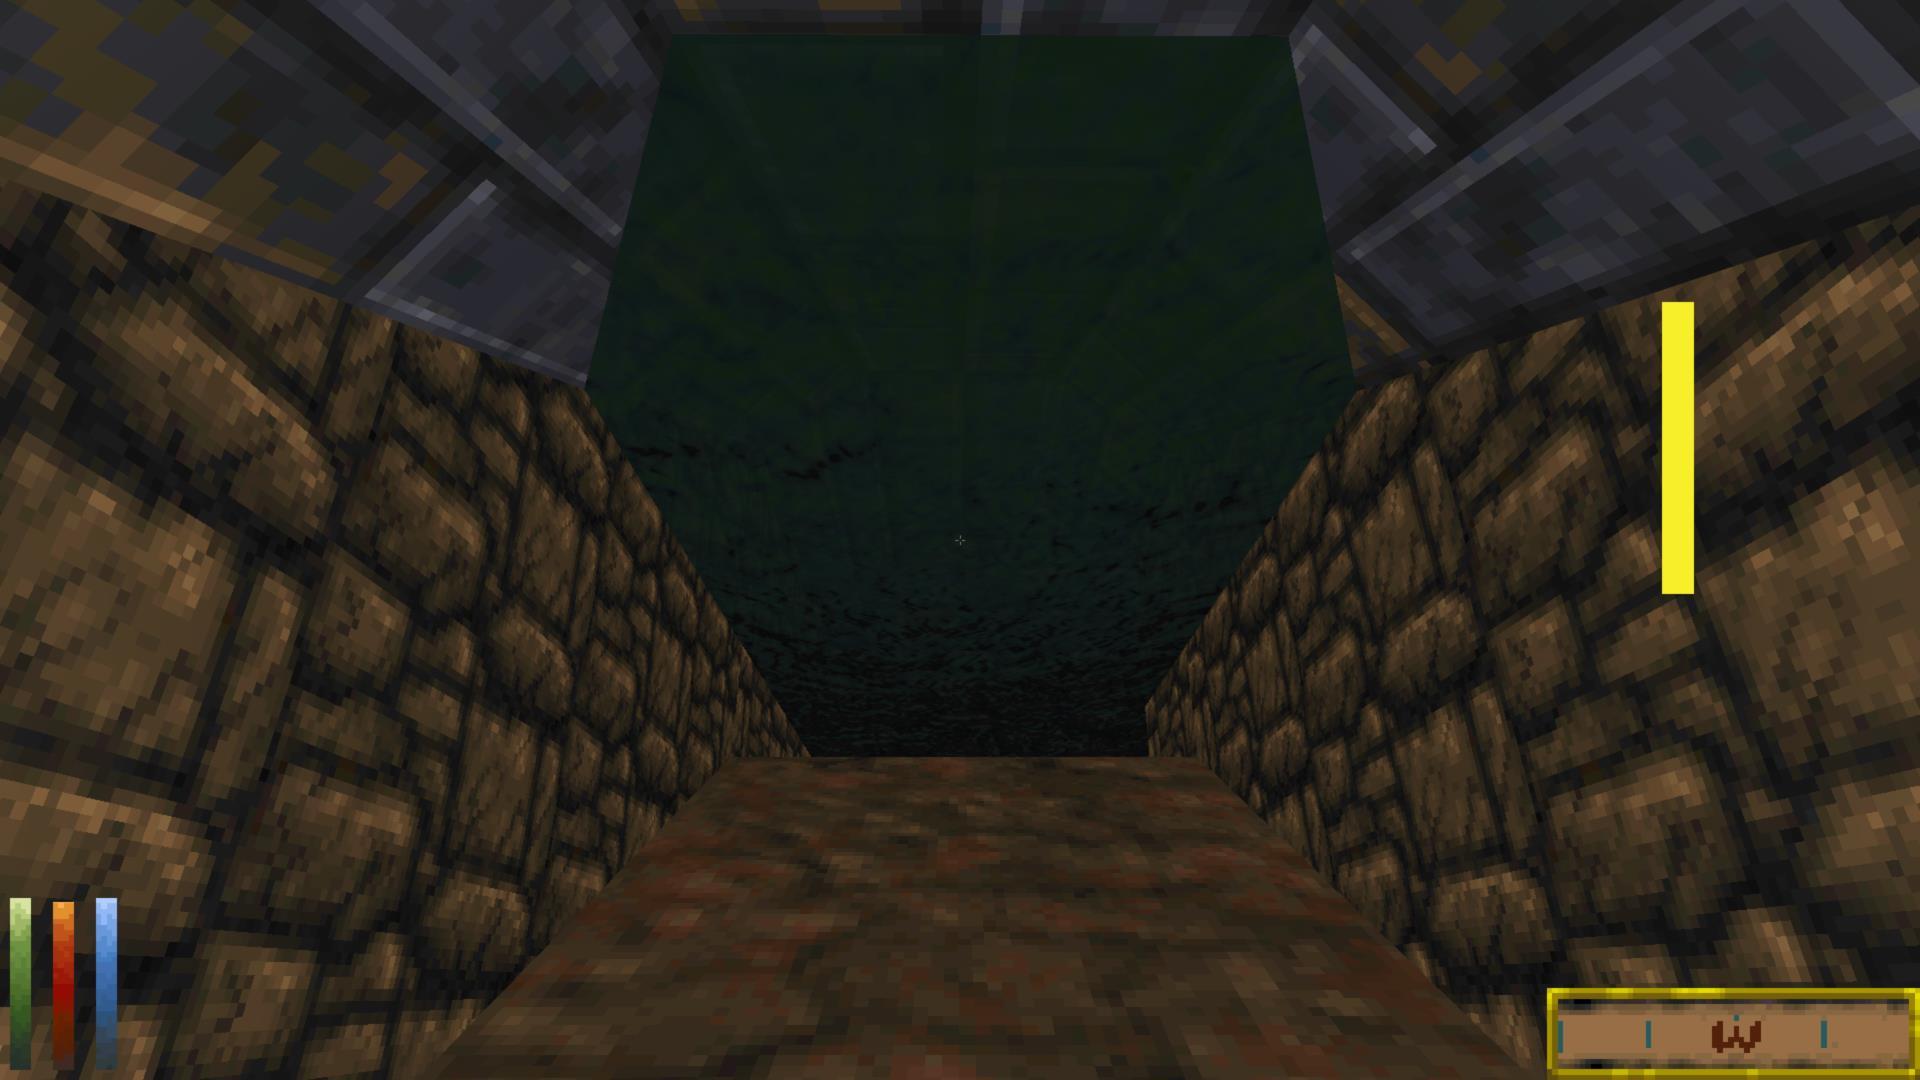 Daggerfall Unity (fan remake of Elder Scrolls II) is making great progress | ResetEra